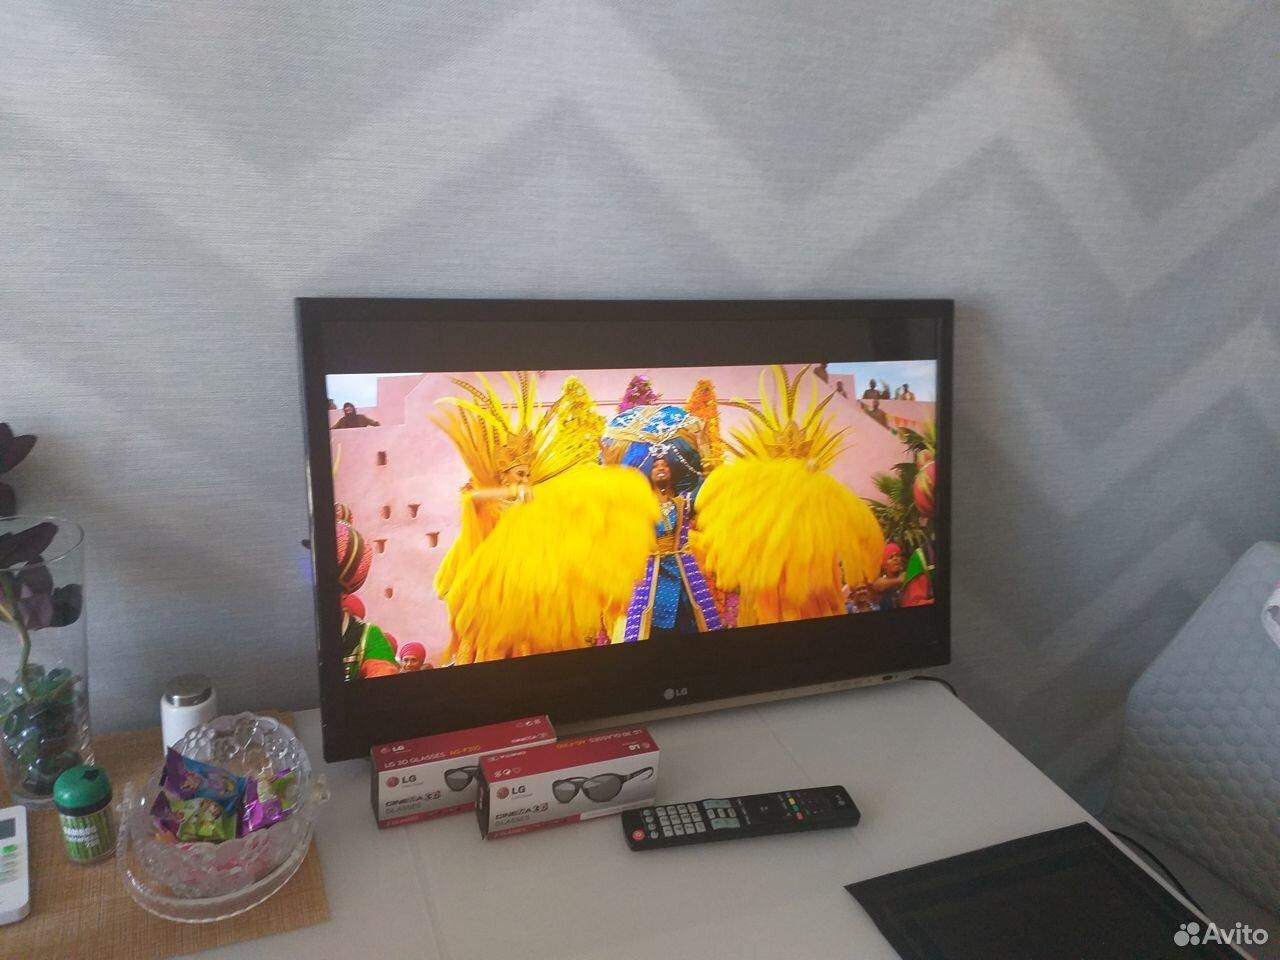 Телевизор LG 32lm585s 3D  89608766056 купить 1